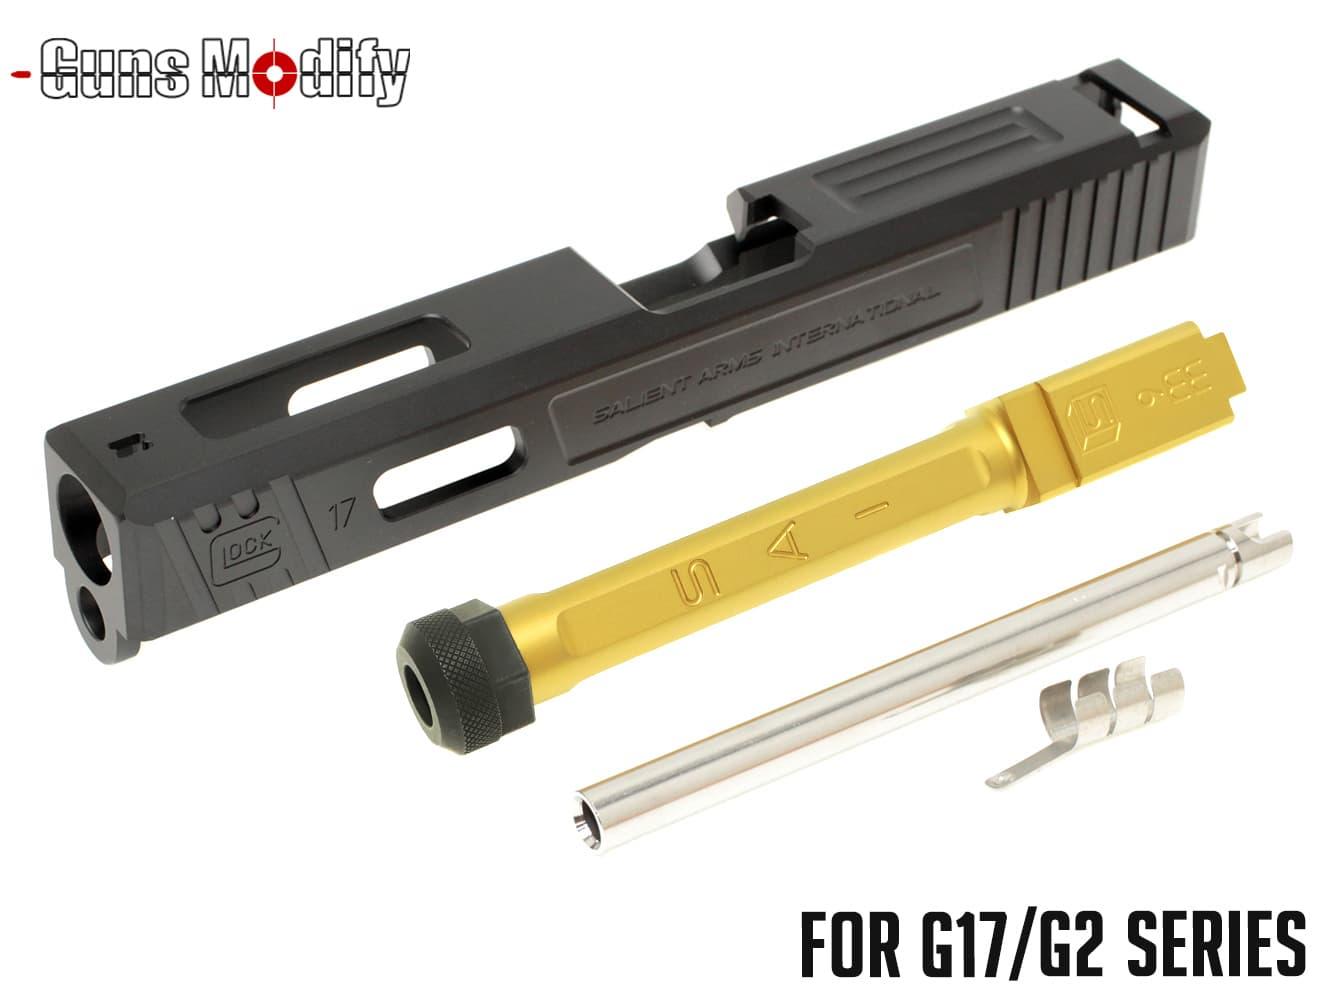 Guns Modify G17 SA CNC Tier 1 アルミスライド&ステンレス ボックスフルート スレッドアウターバレルセット◆G17G22対応 SAI風 TiNコート